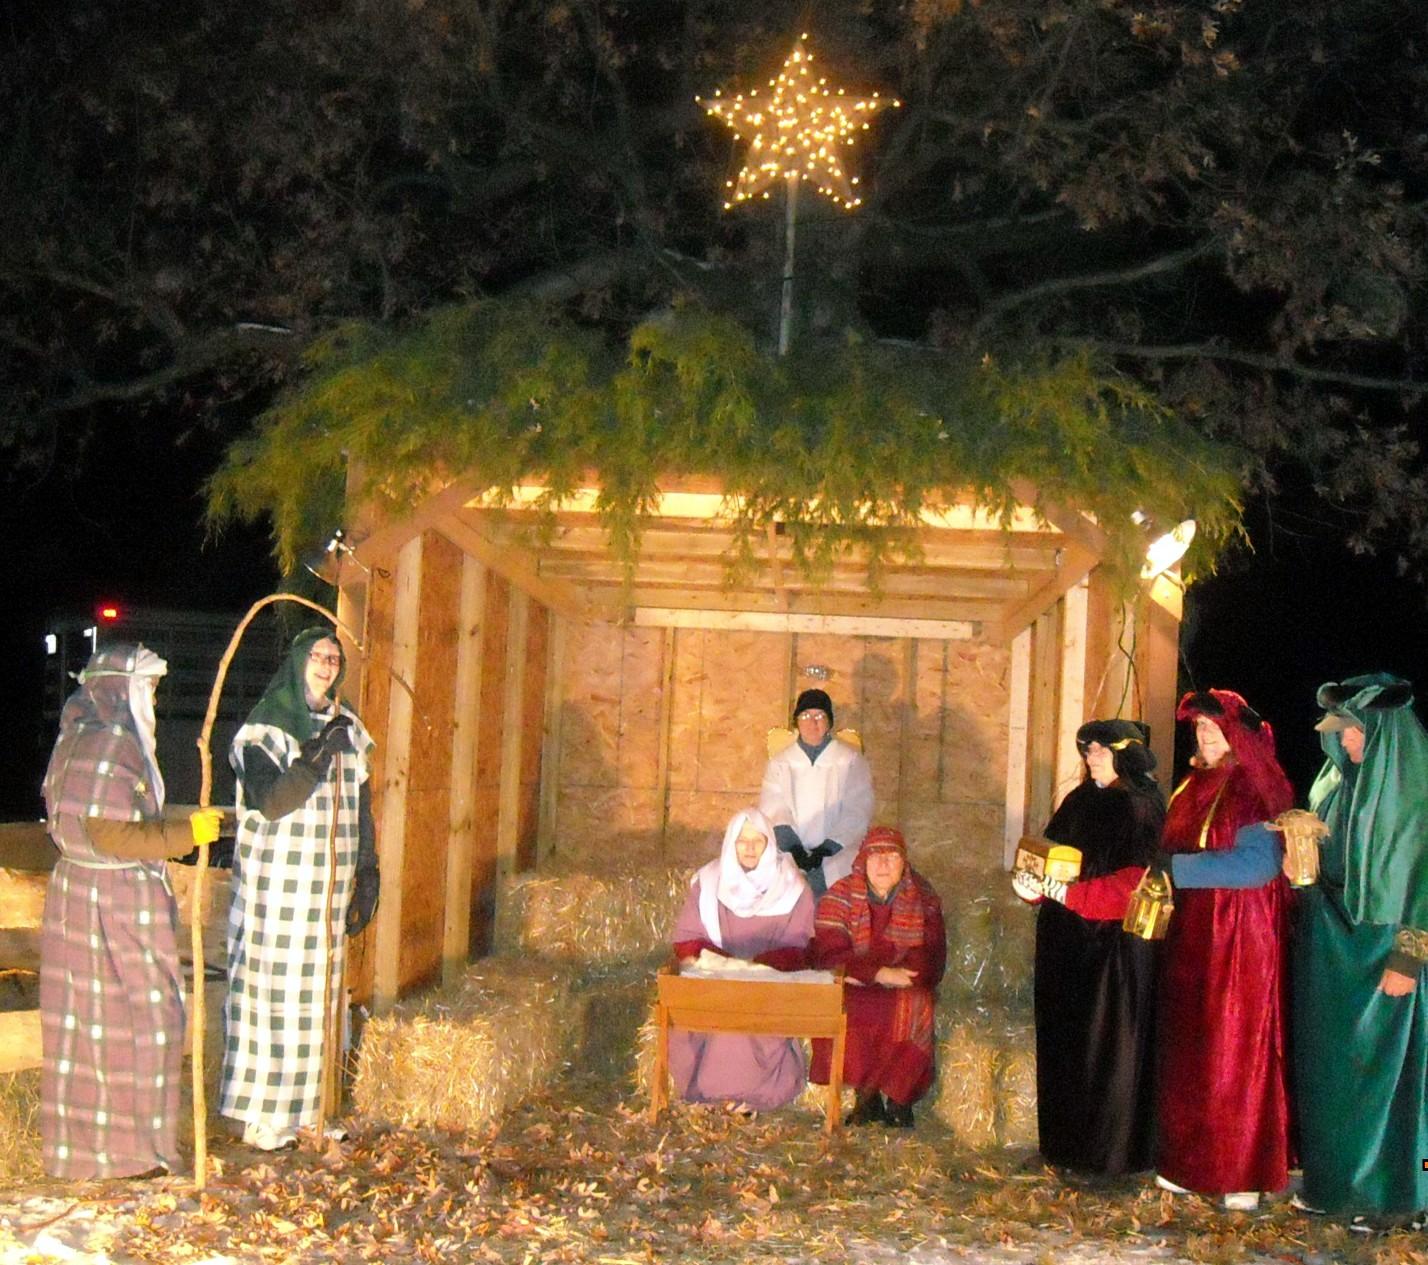 Living Nativity Ideas: Urbana Church To Display Live Nativity